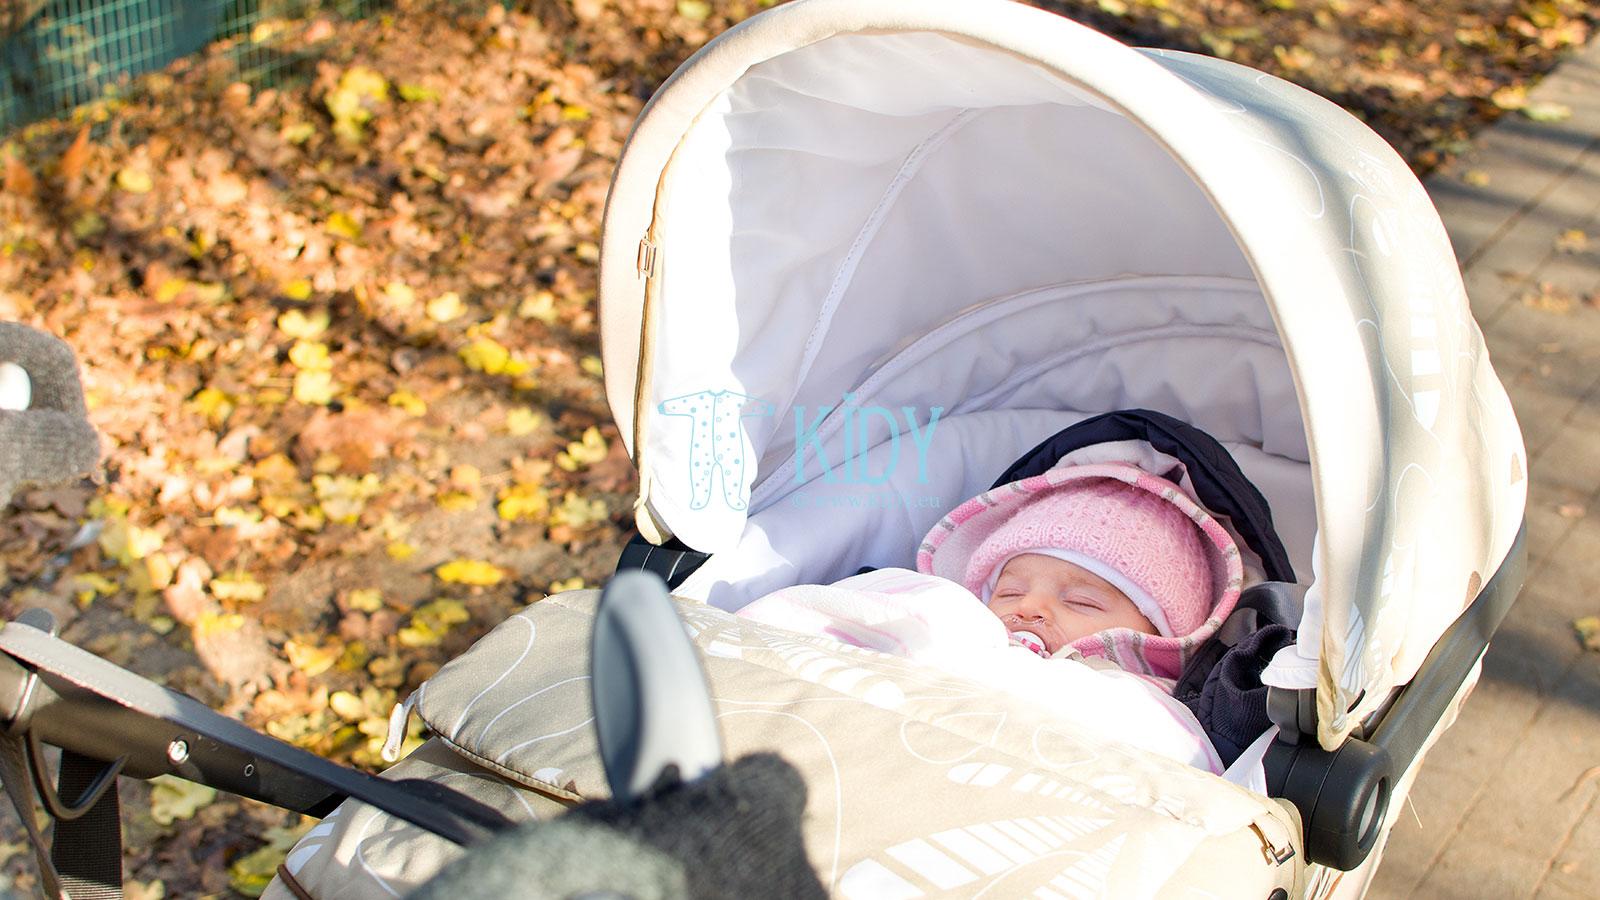 Прогулка с ребенком в коляске фото